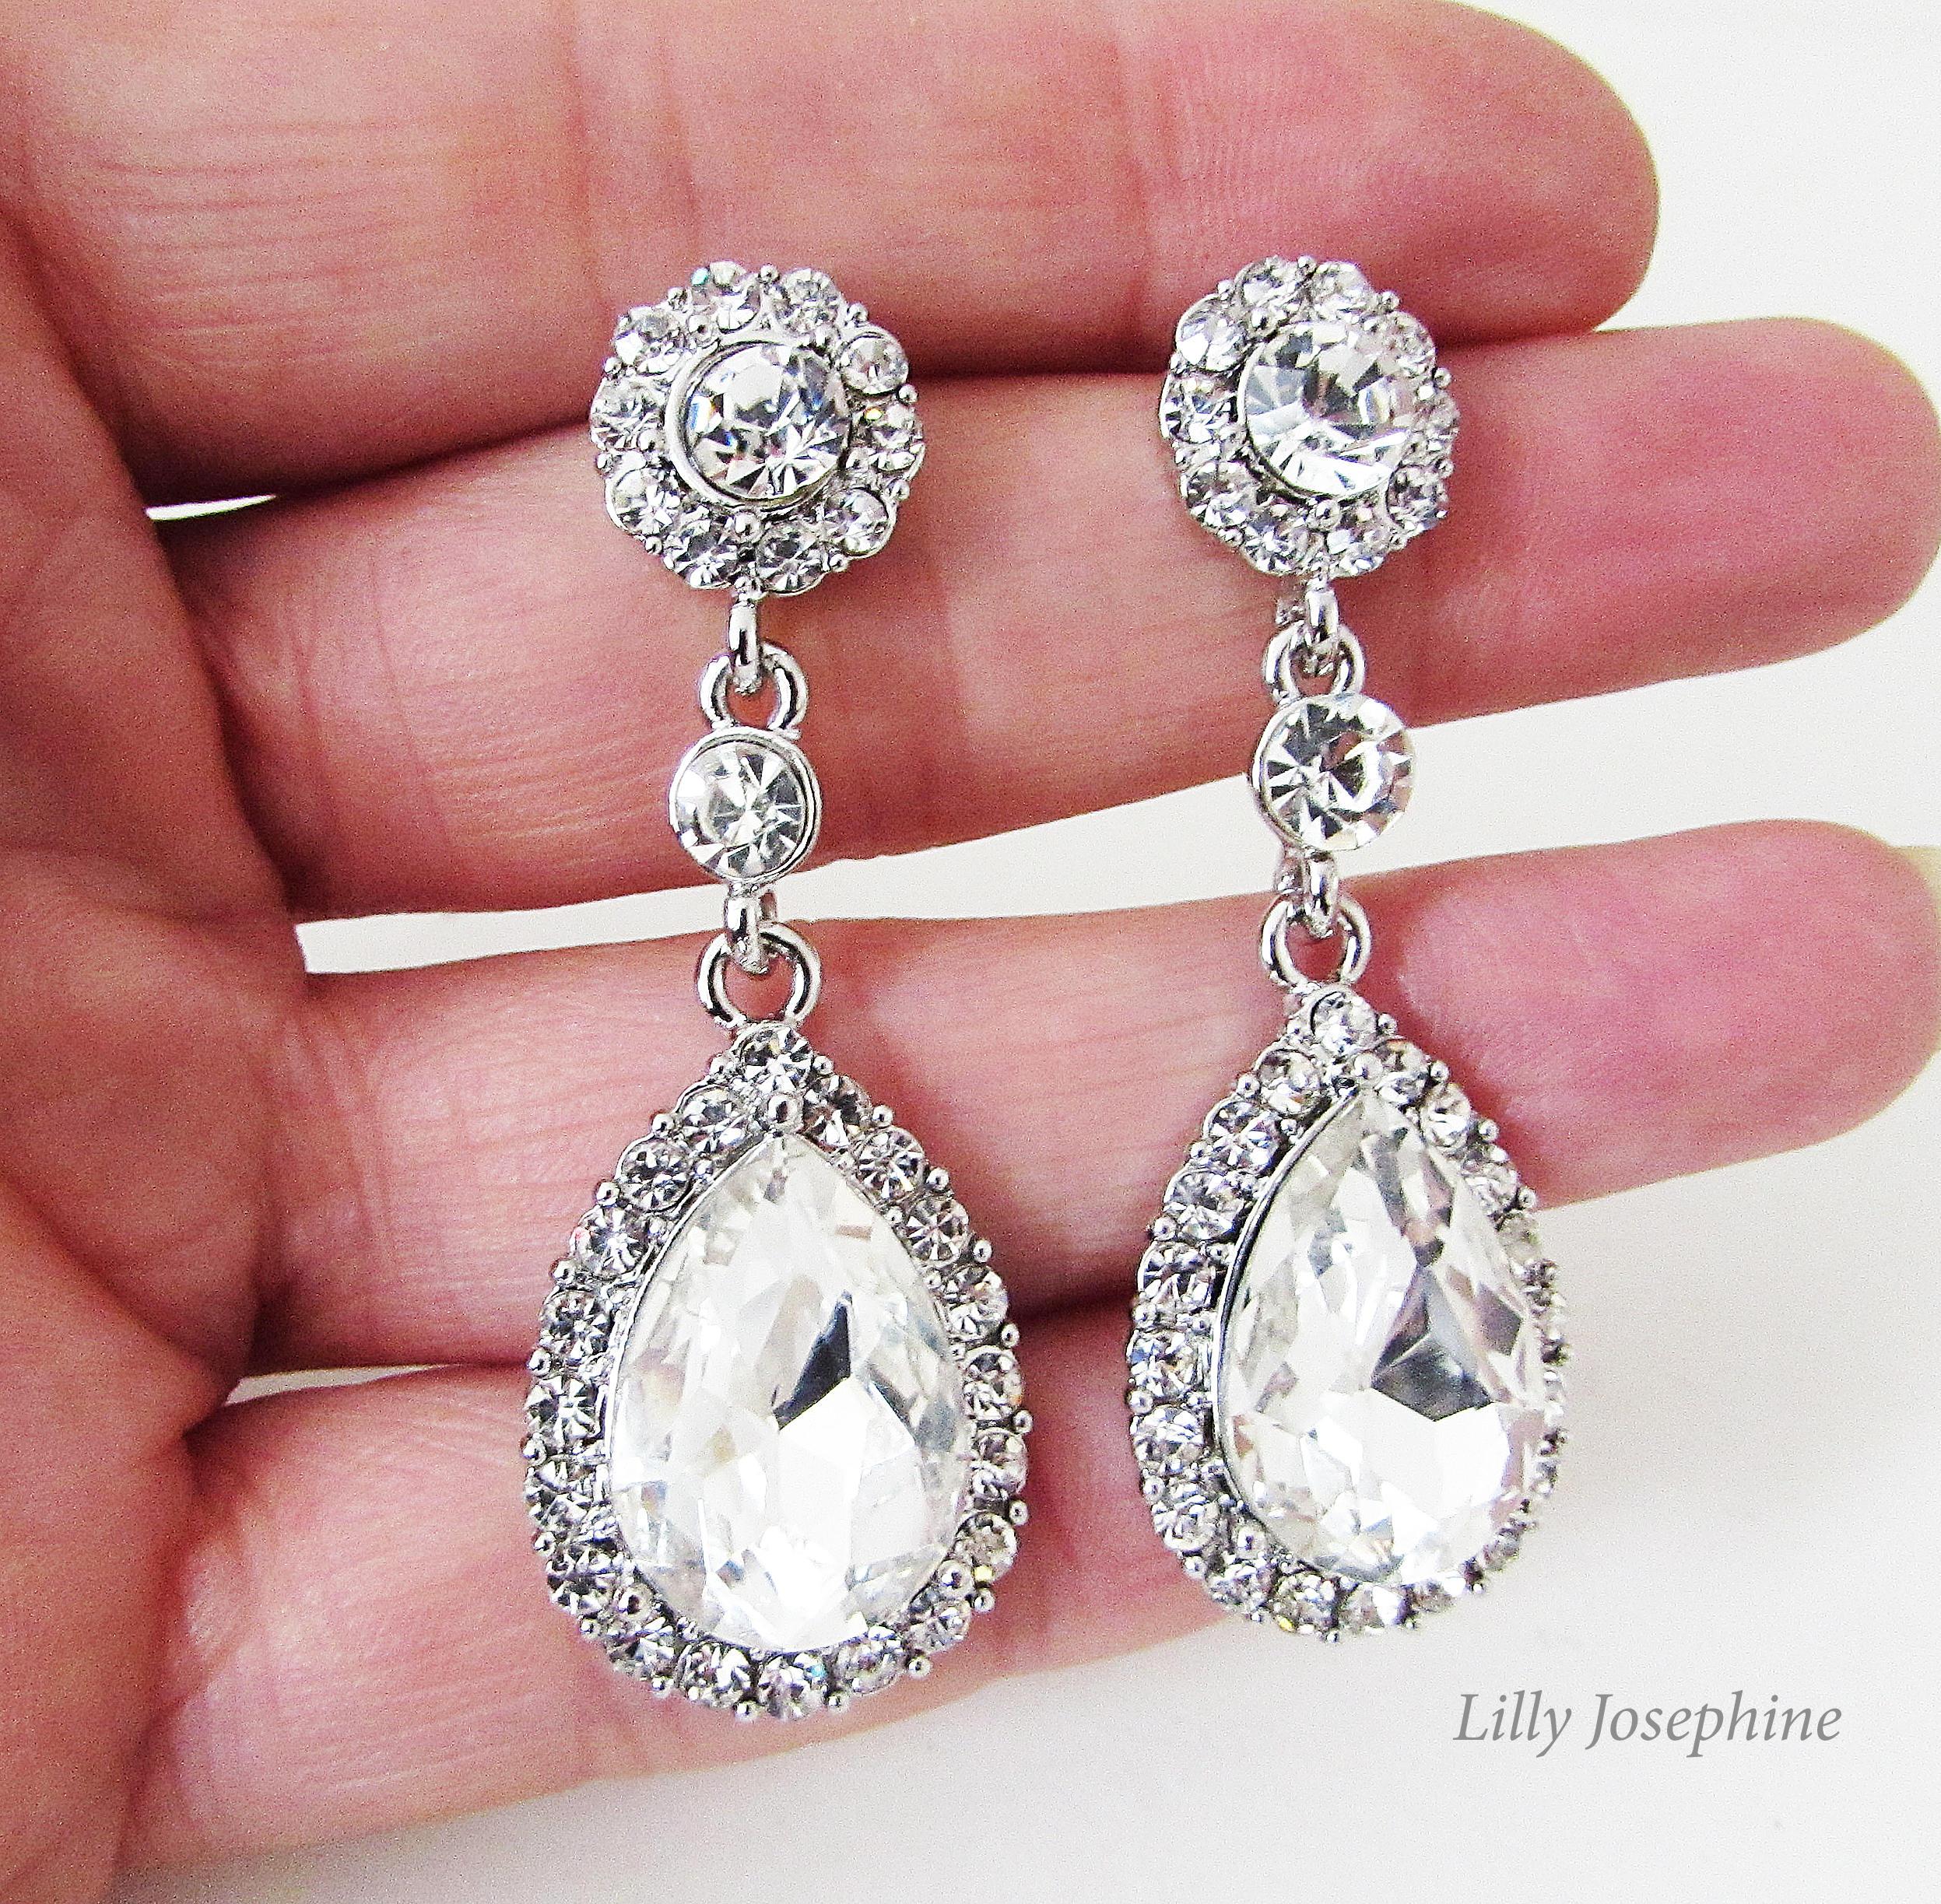 Long Rhinestone and Crystal Earrings Bridal Earrings Silver